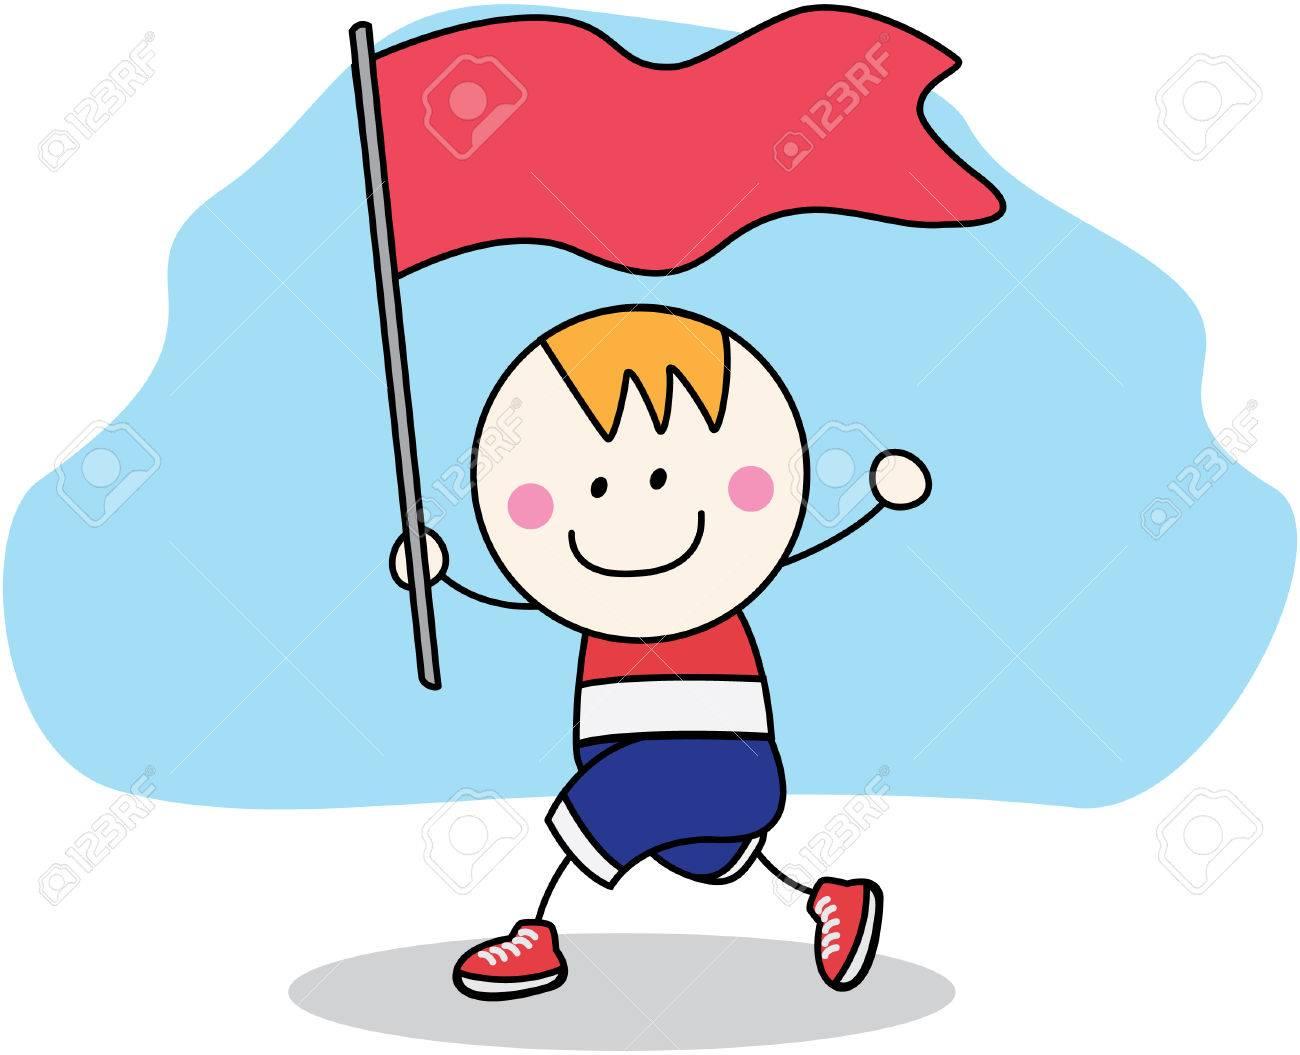 優勝旗と走っている少年のイラスト素材ベクタ Image 45060347